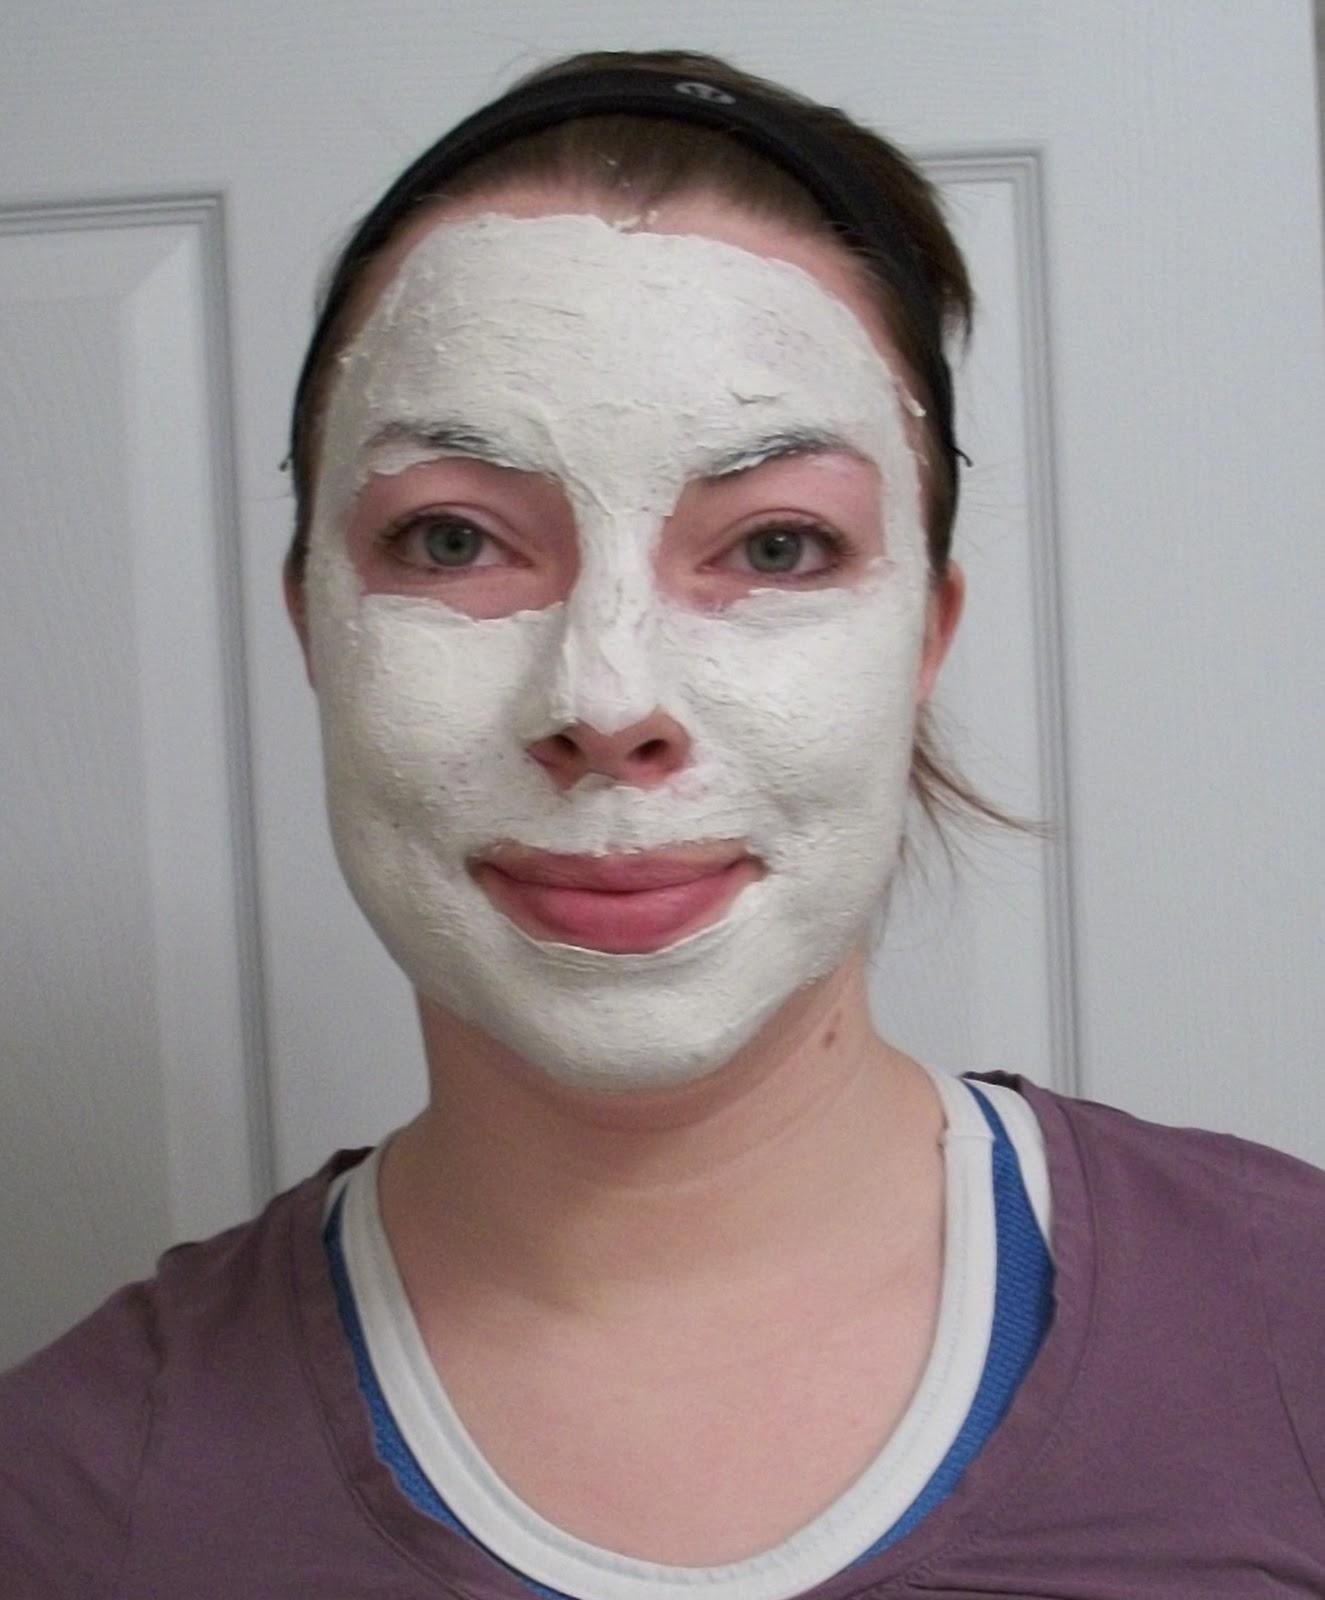 Shirt Face Mask Tee Shirt Face Mask on